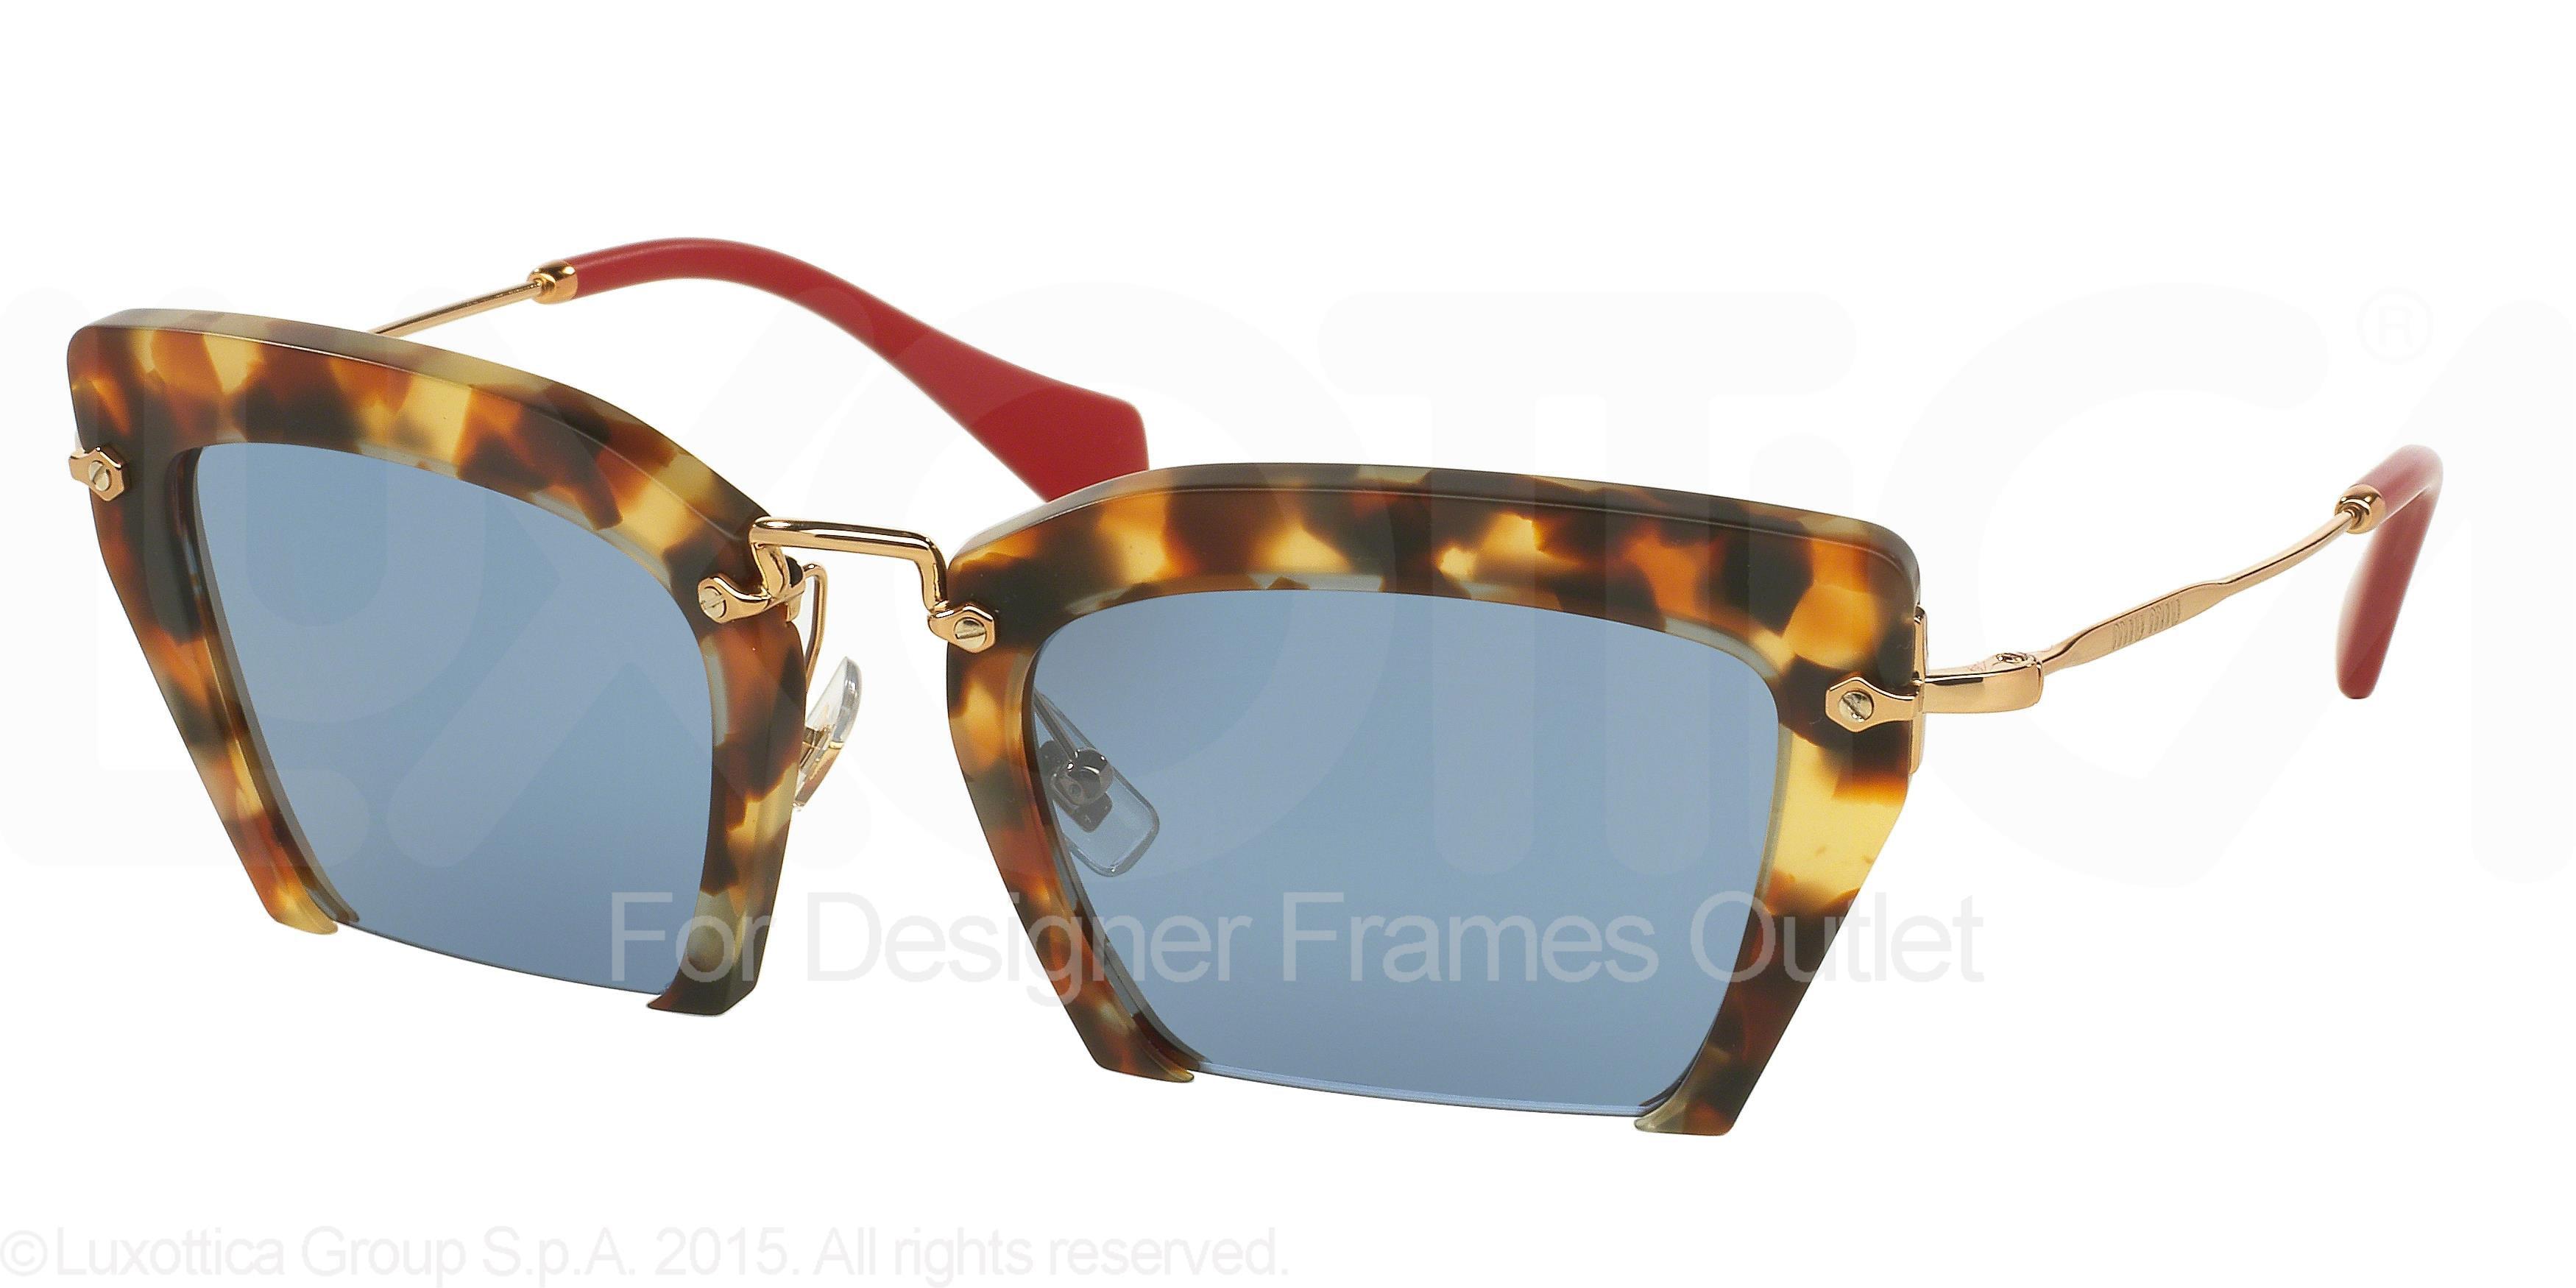 ce9dd1781b5d Miu Miu MU 10QS UA54N0 - Sand Medium Havana - MIU MIU Sunglasses MU 10QS  UA54N0 Sand Medium Havana 54MM - Walmart.com